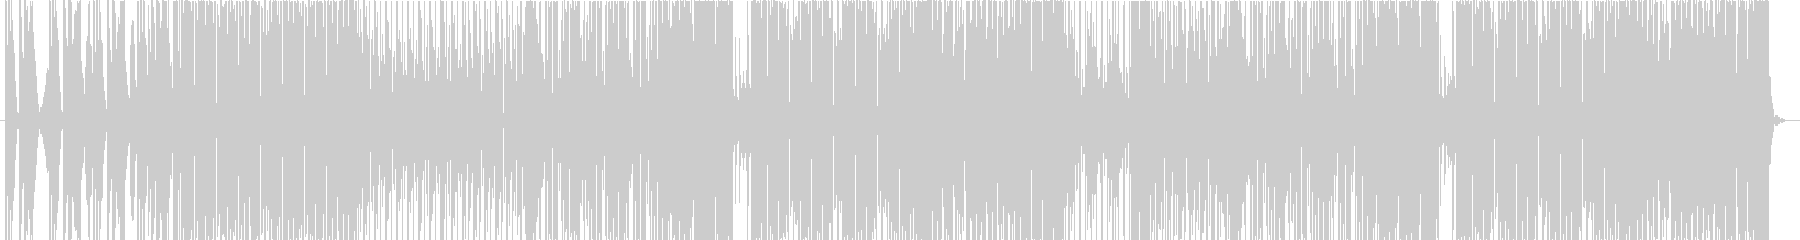 80's風イケてるテクノポップの未再生の波形